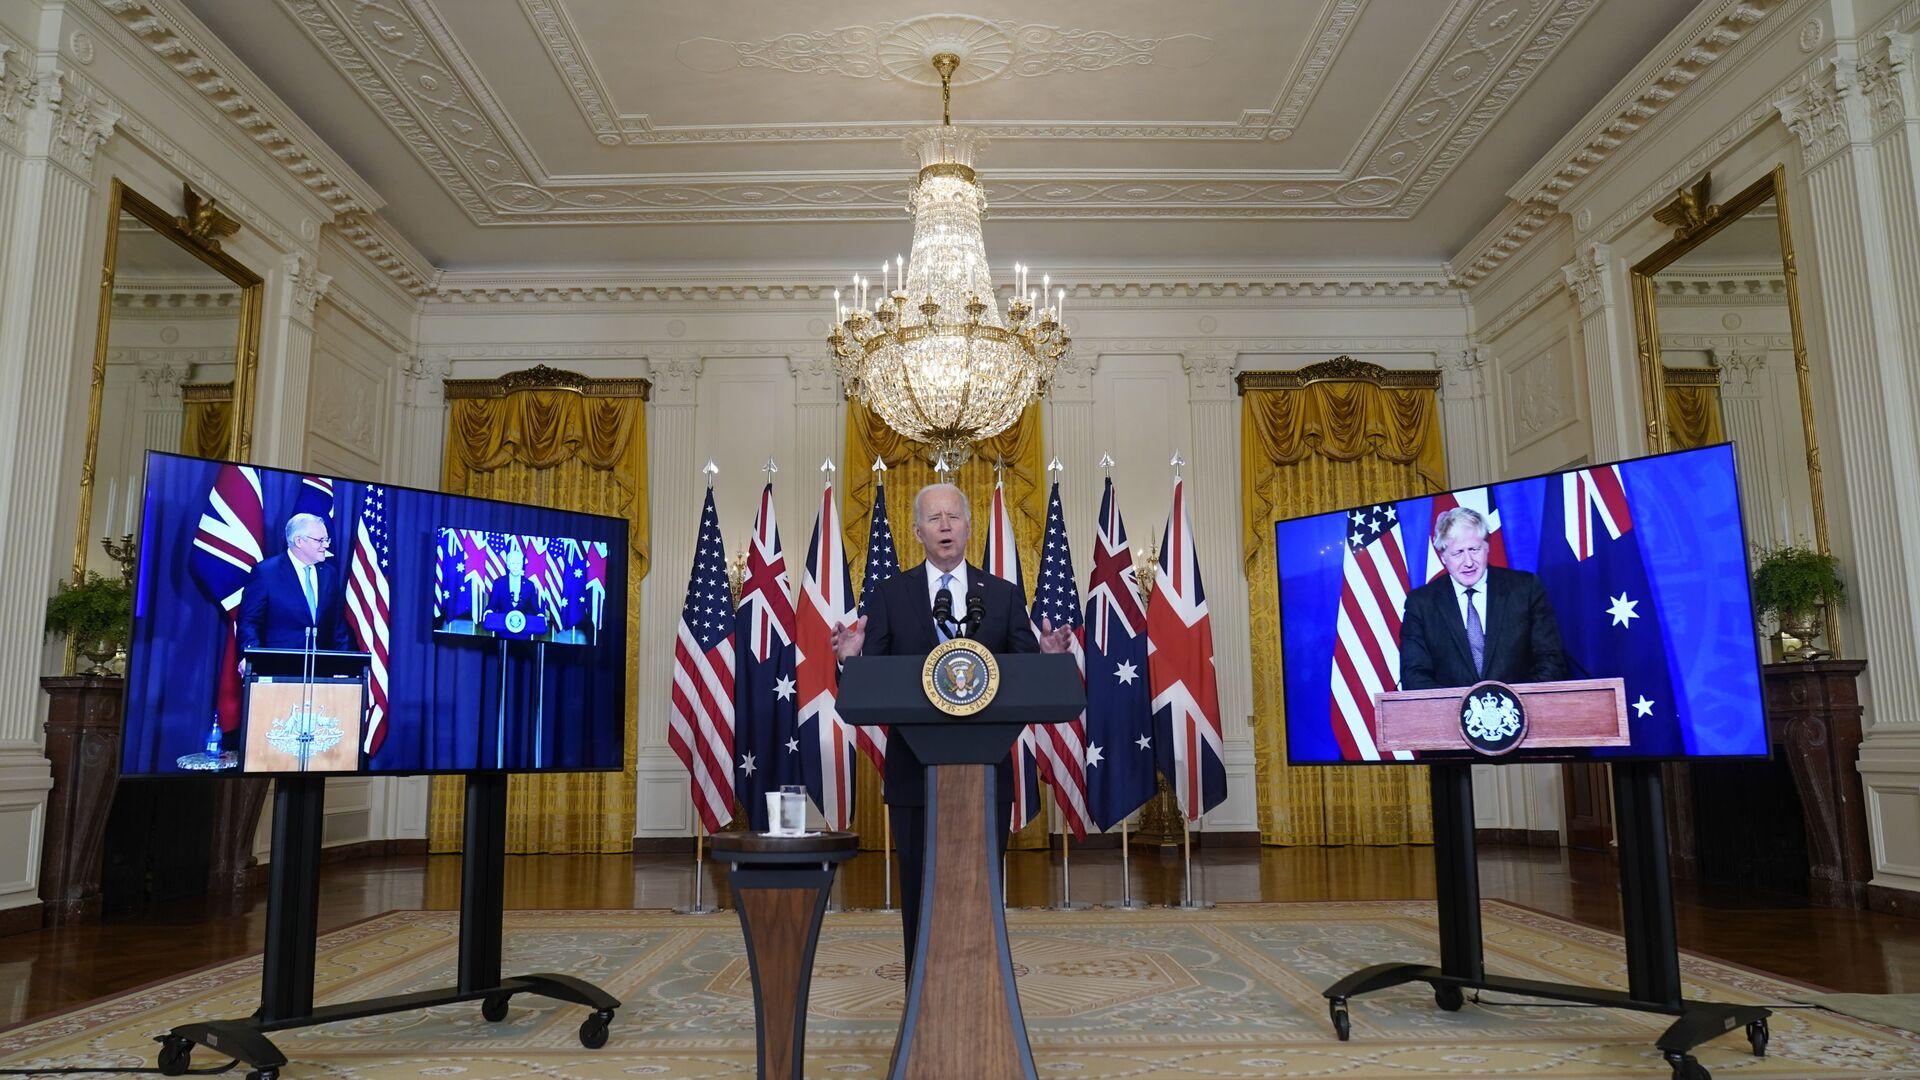 Americký prezident Joe Biden, britský premiér Boris Johnson a australský premiér Scott Morrison oznámili vytvoření nového partnerství AUKUS  - Sputnik Česká republika, 1920, 24.09.2021